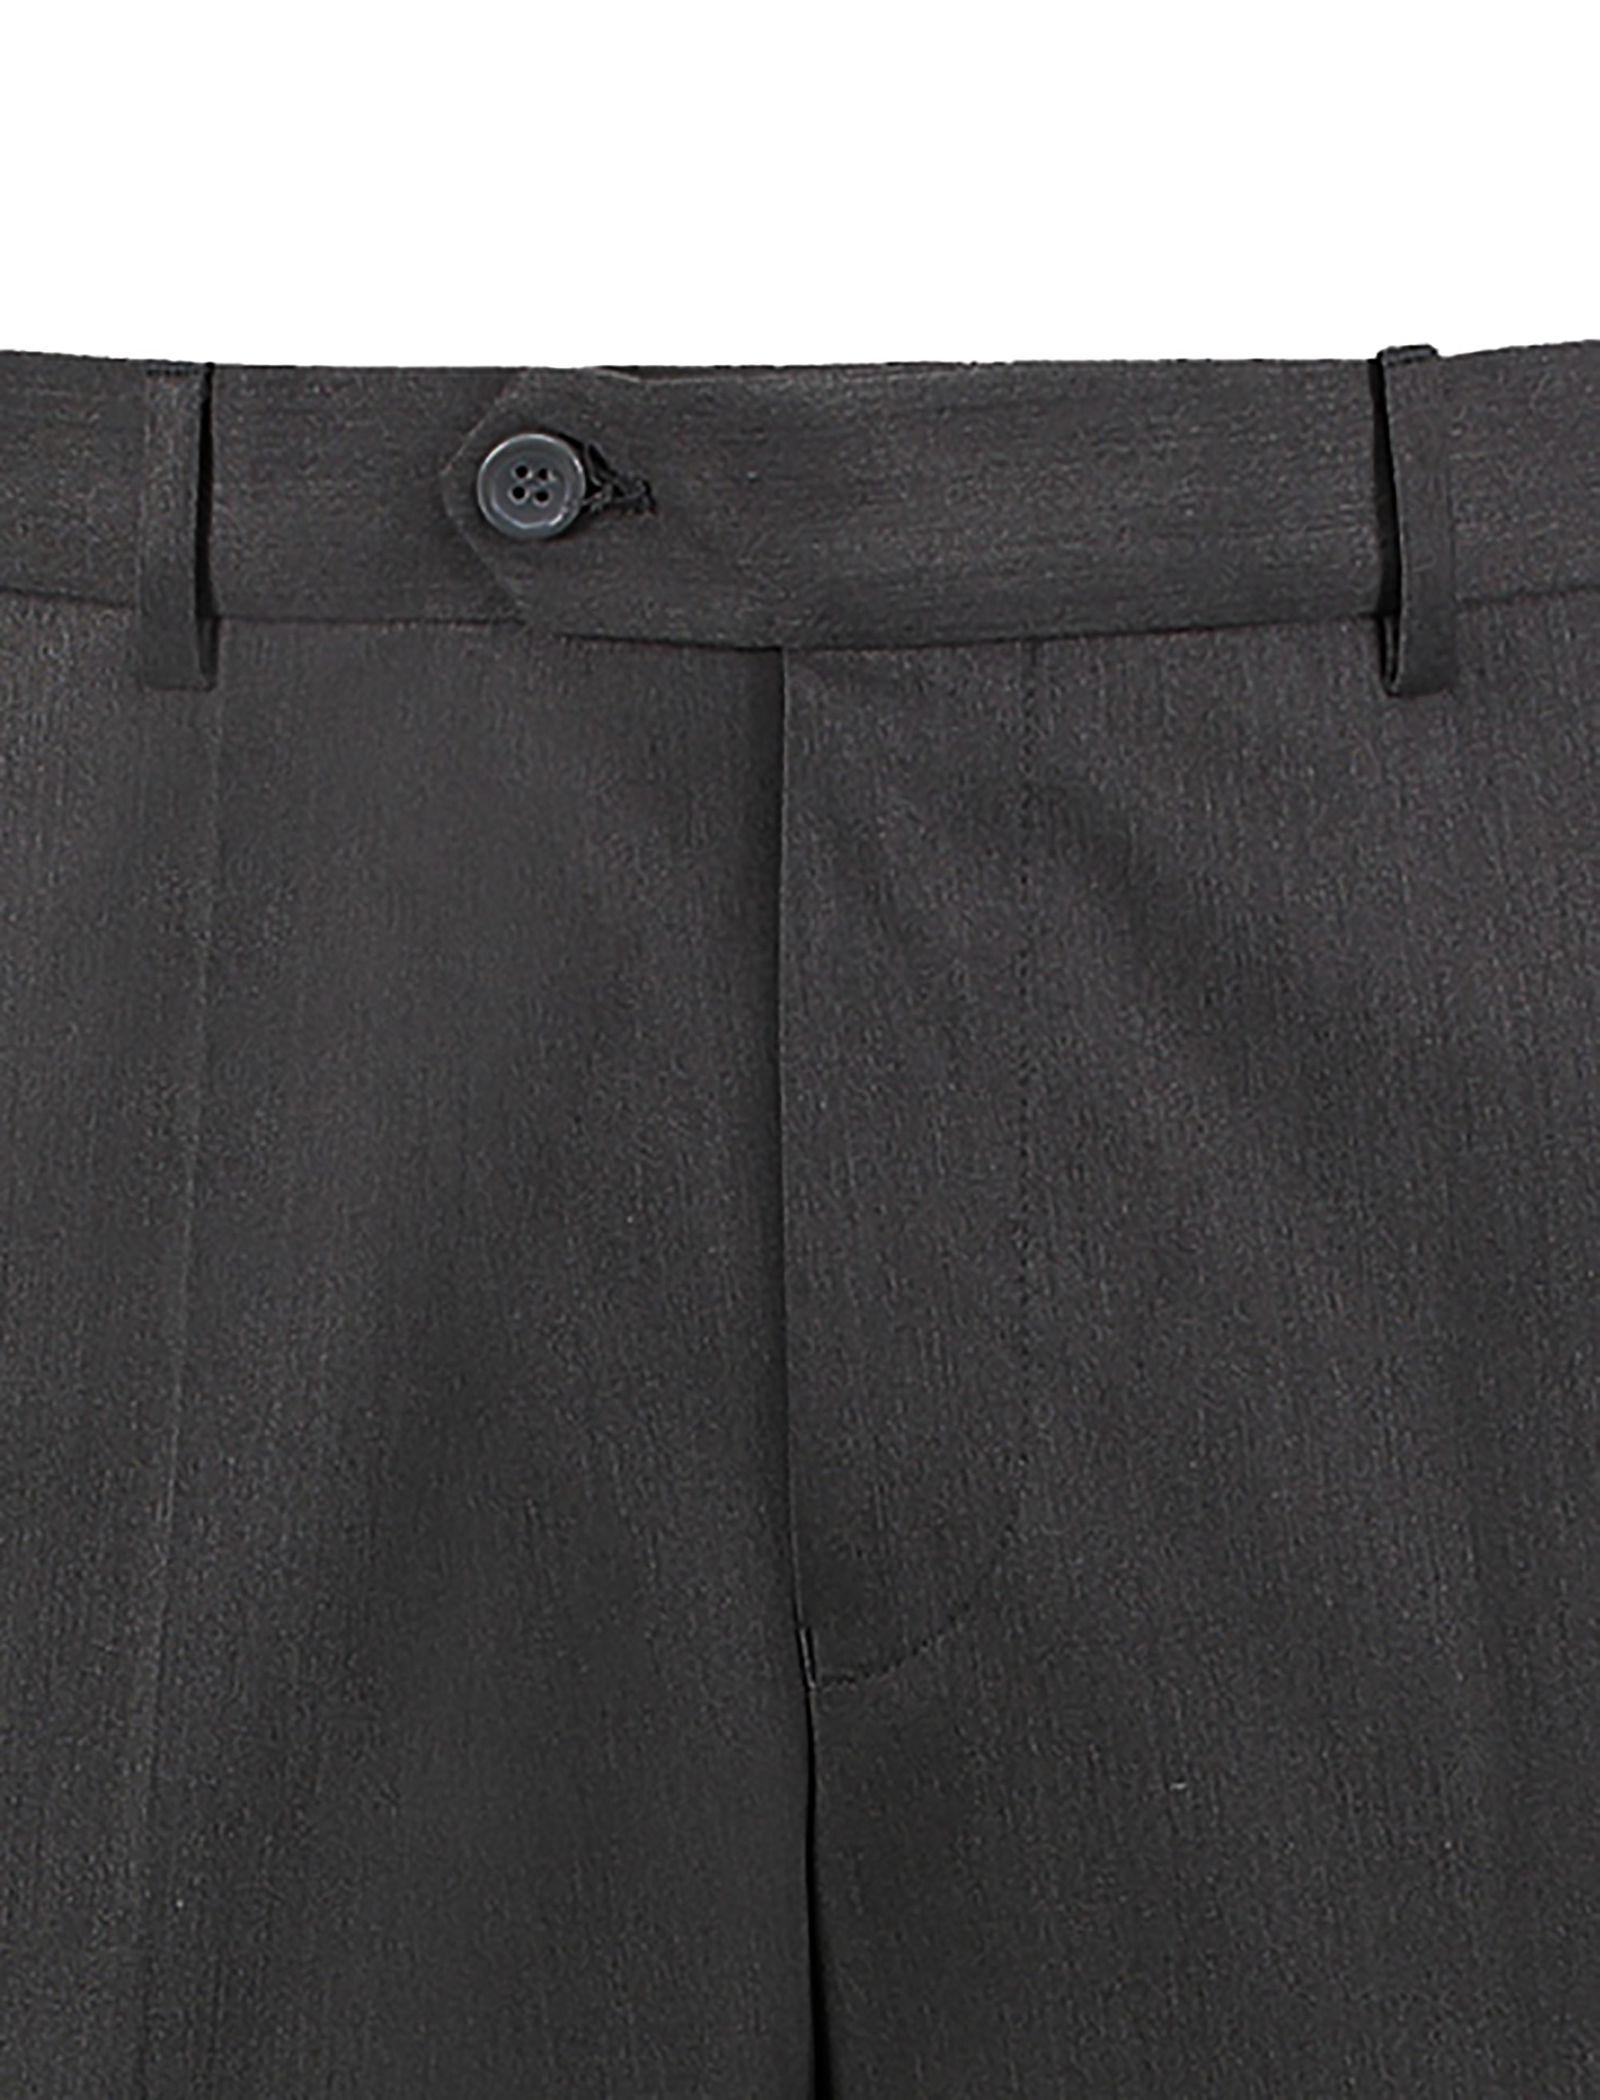 شلوار راسته مردانه - زاگرس پوش - زغالي - 4